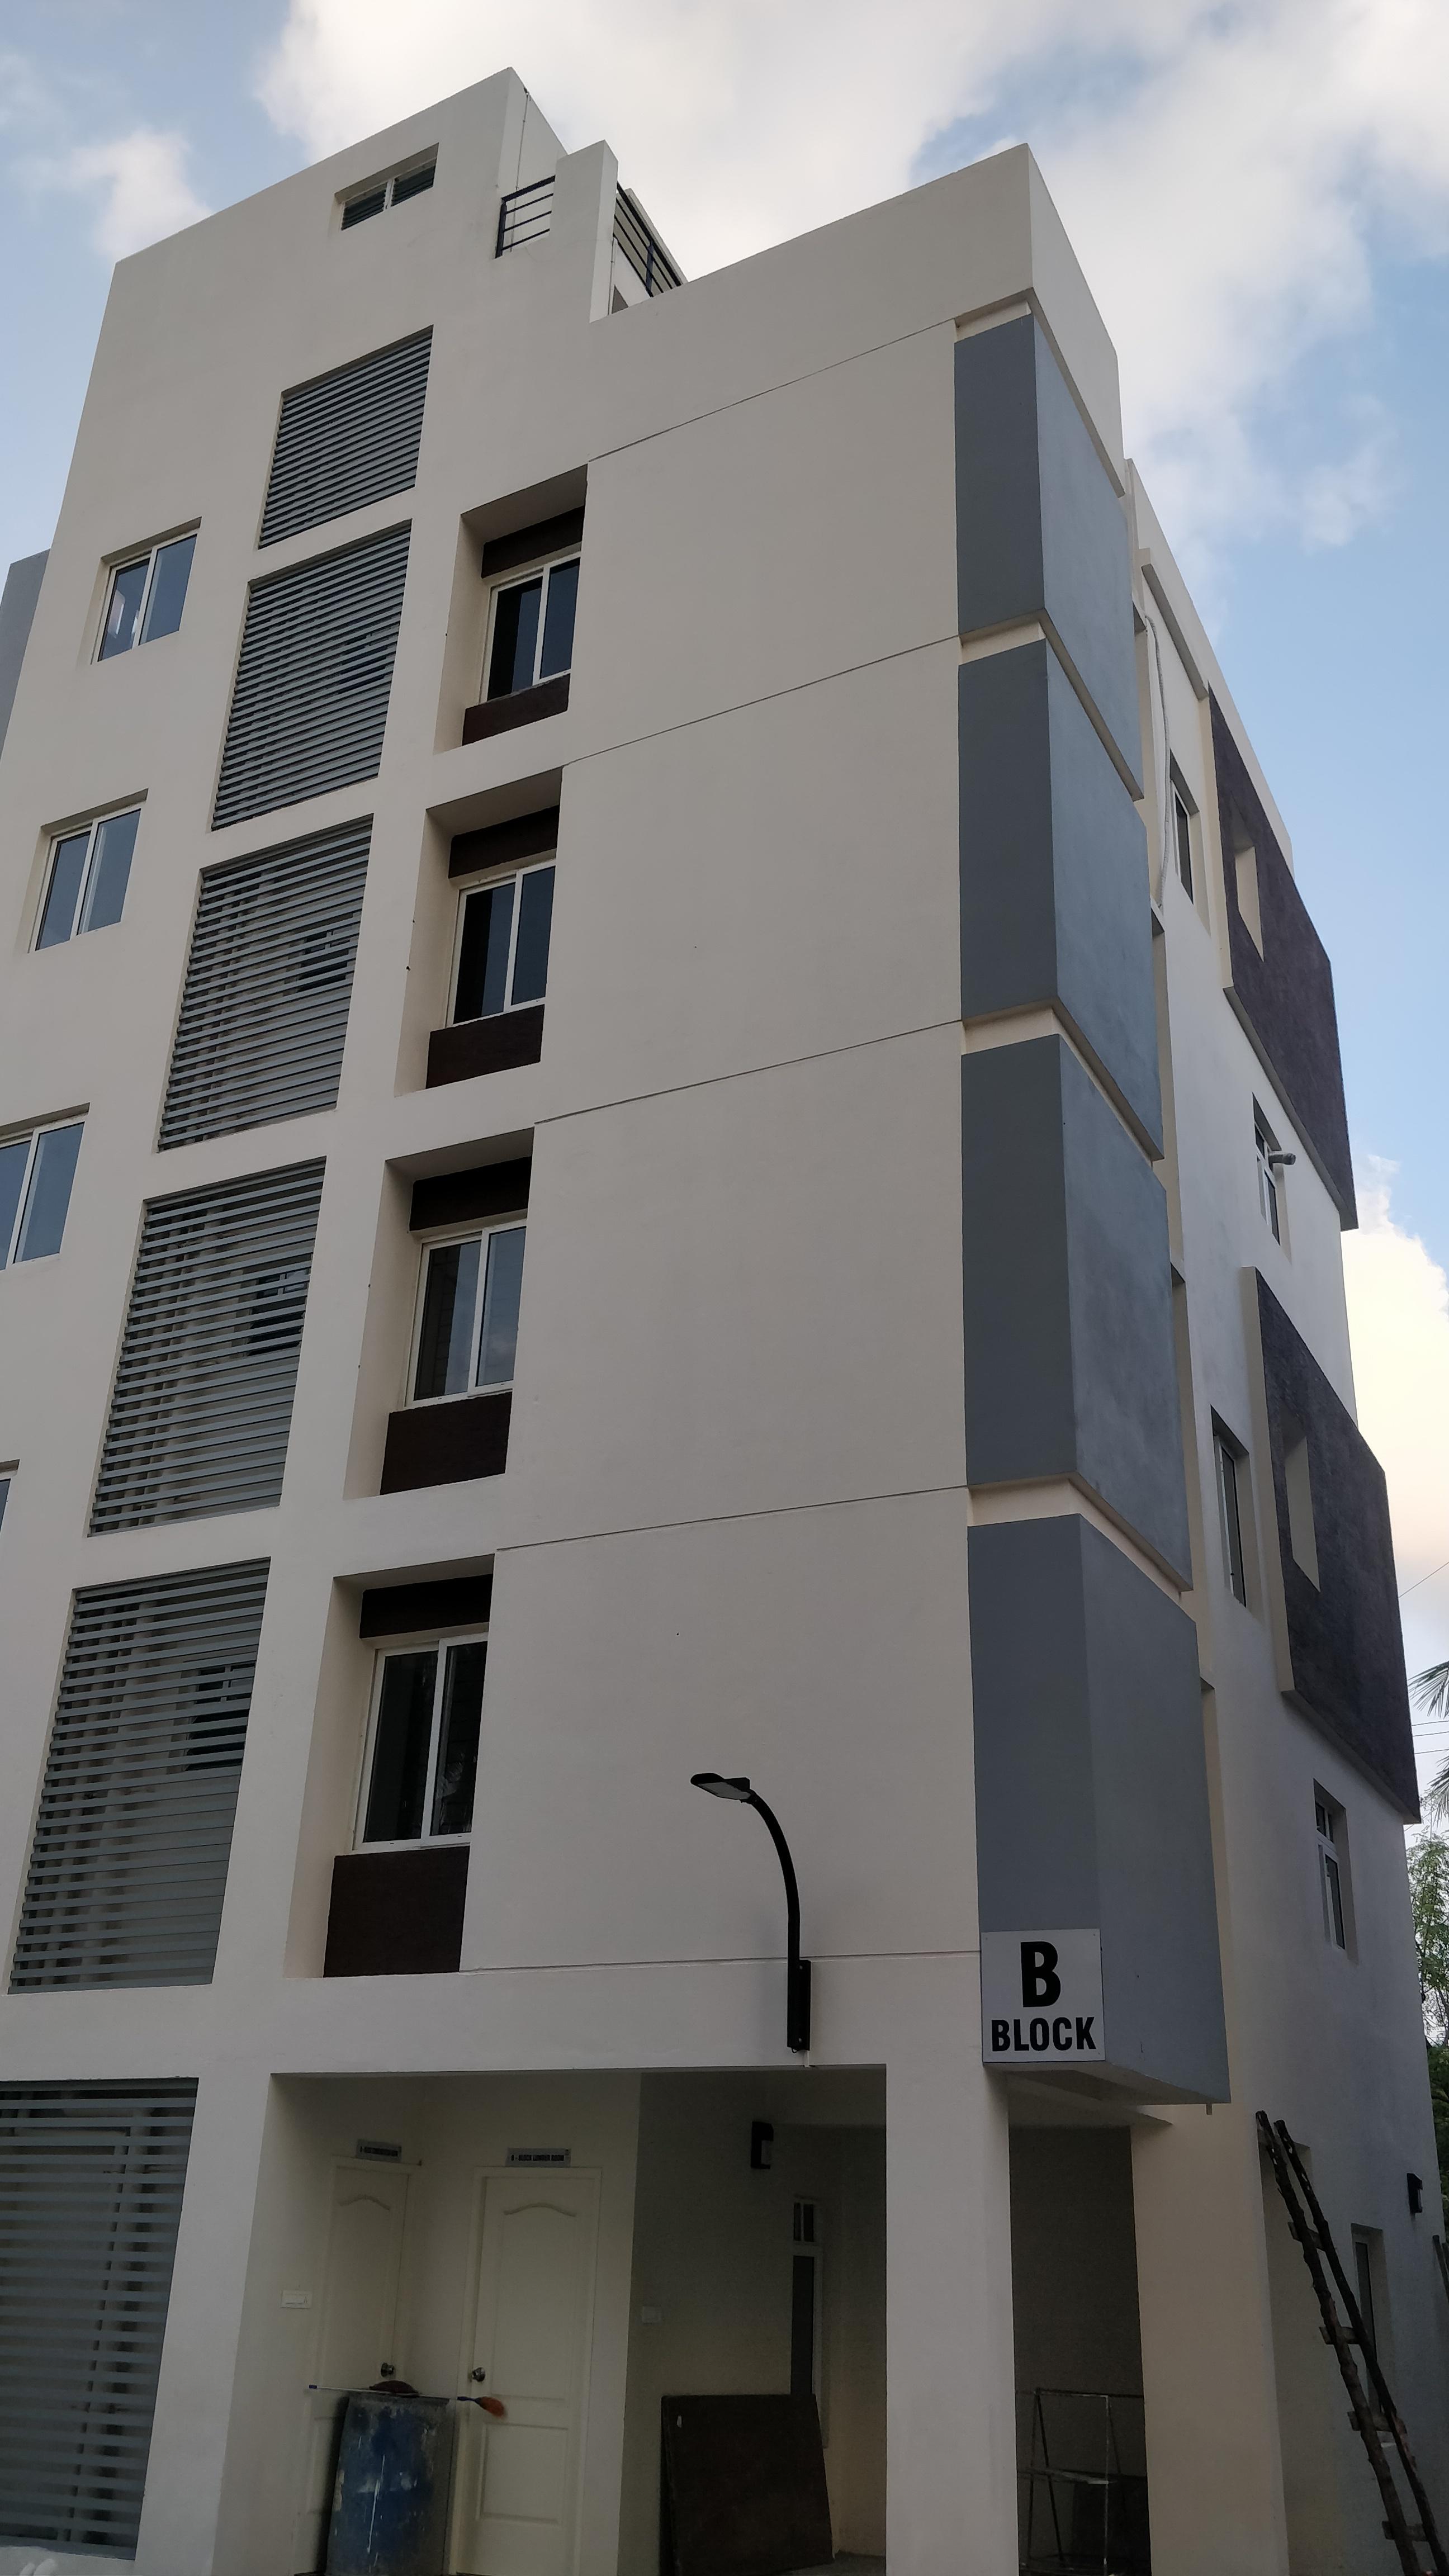 2 bhk flats in omr - KG Builders